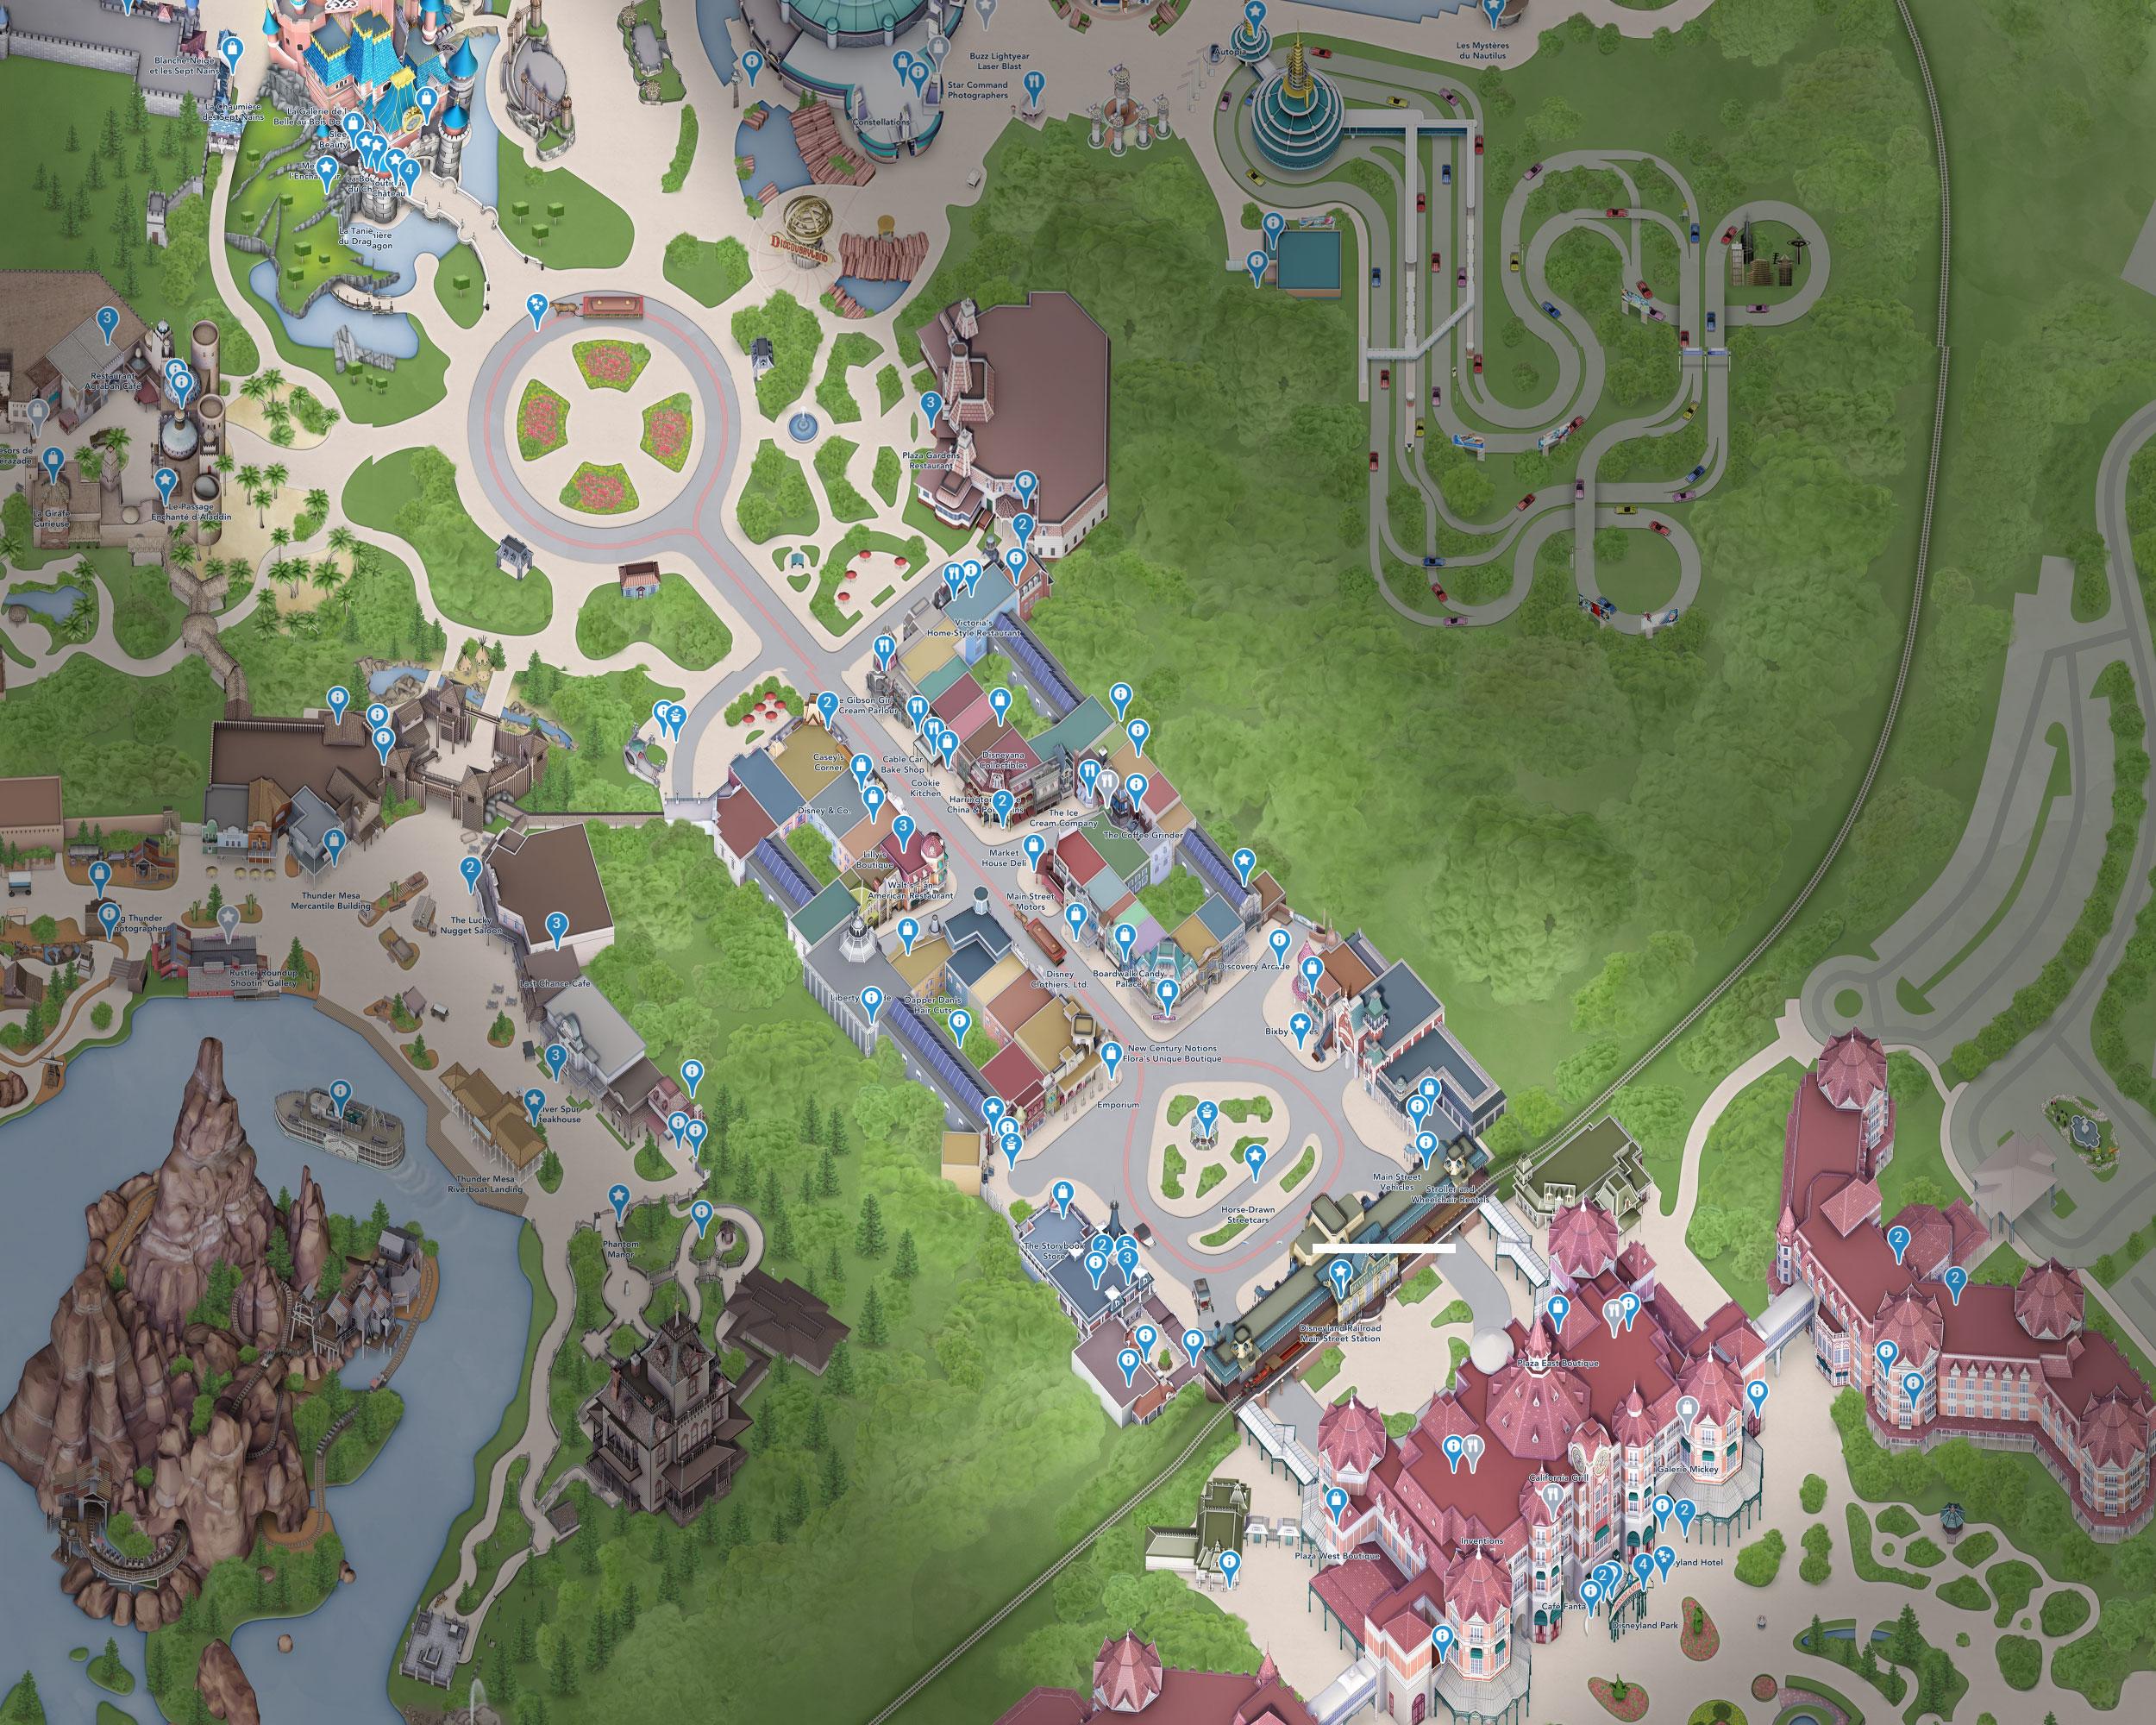 plan main street disneyland paris